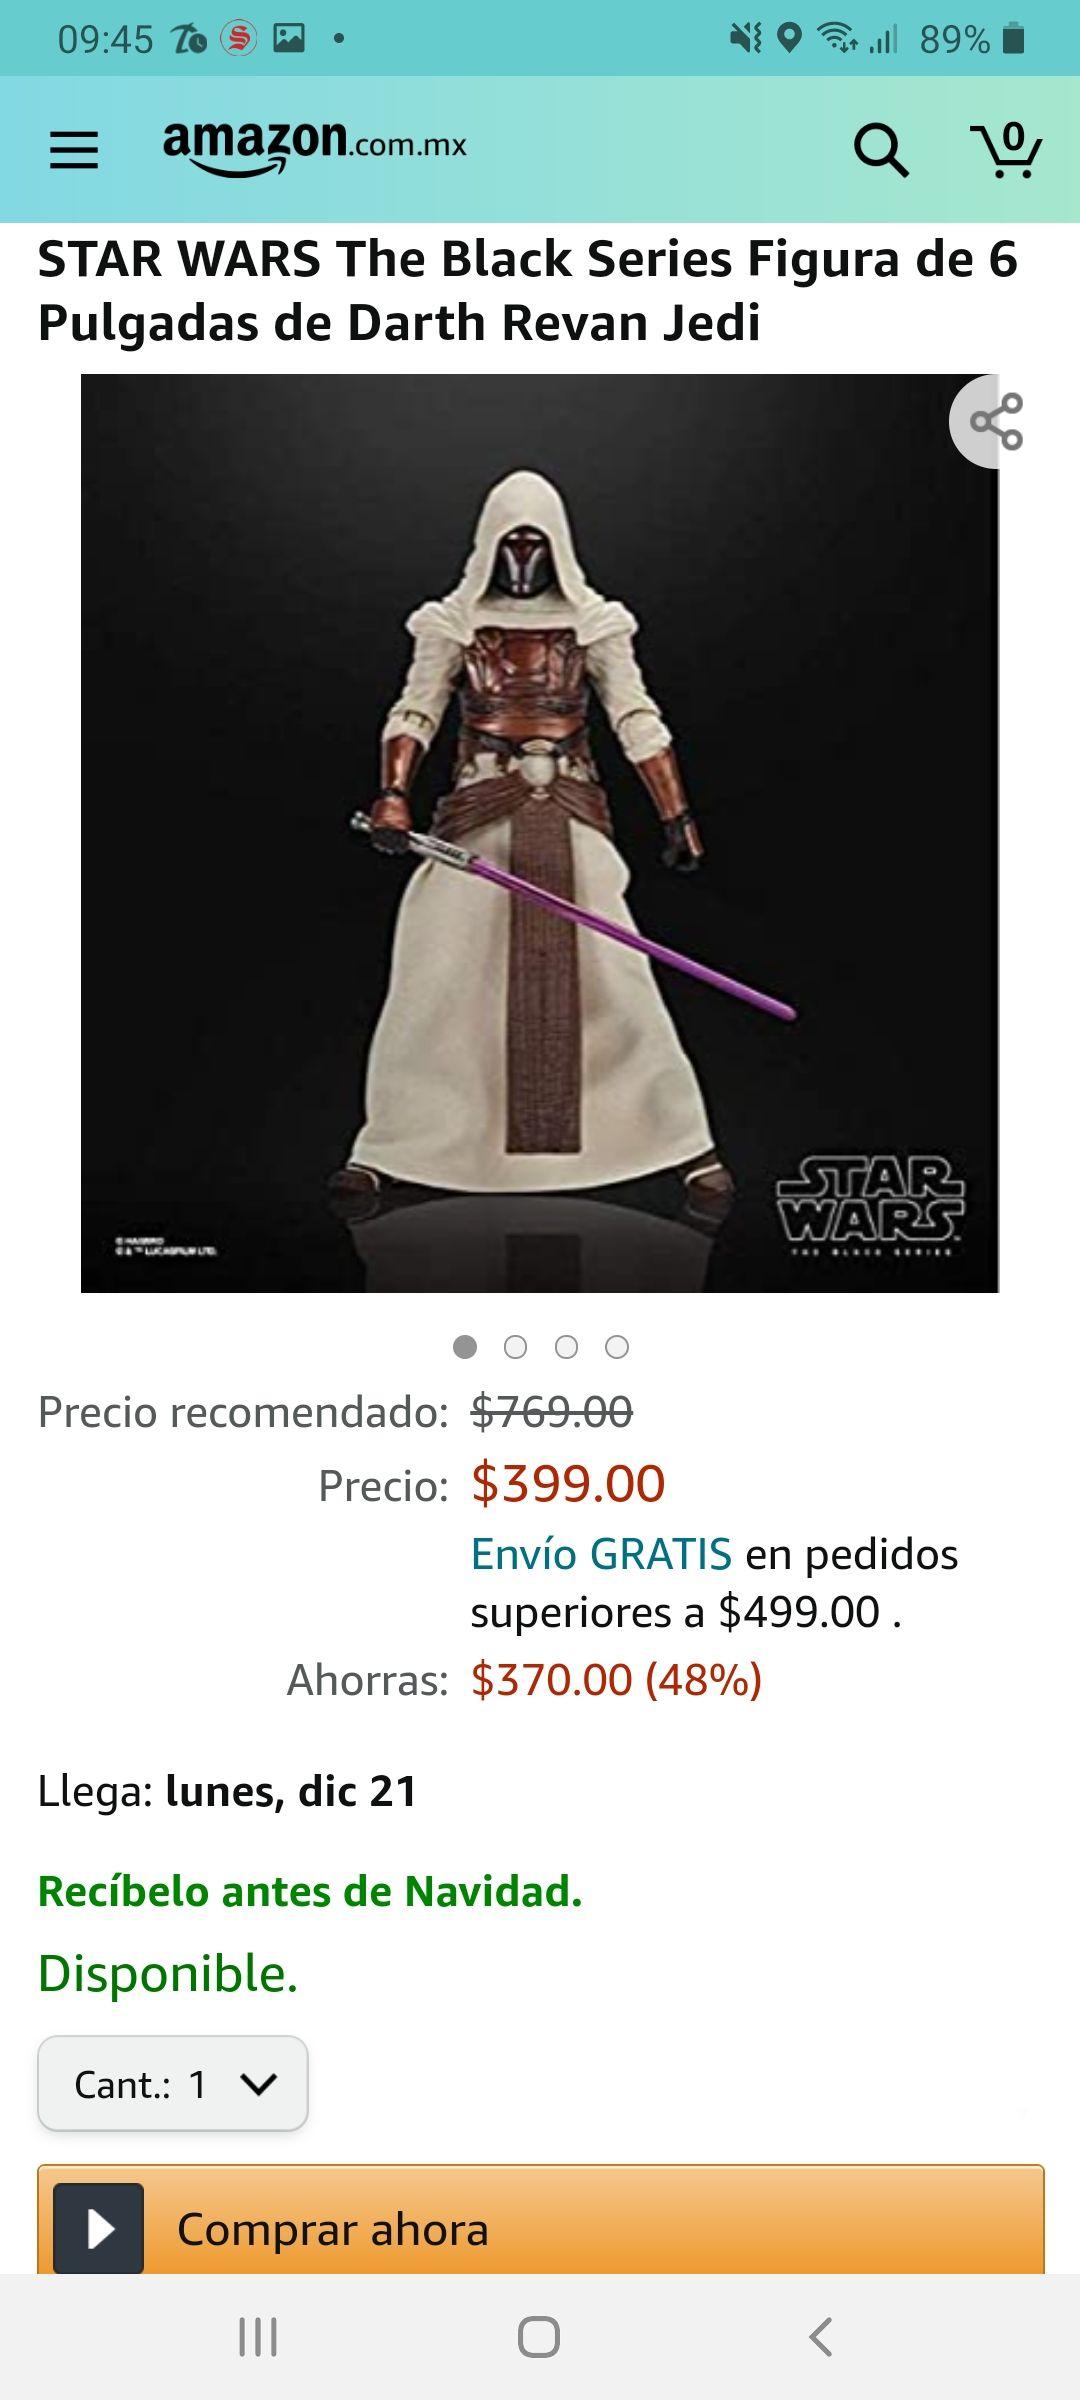 Amazon: Black series Caballero Jedi Revan de Star Wars